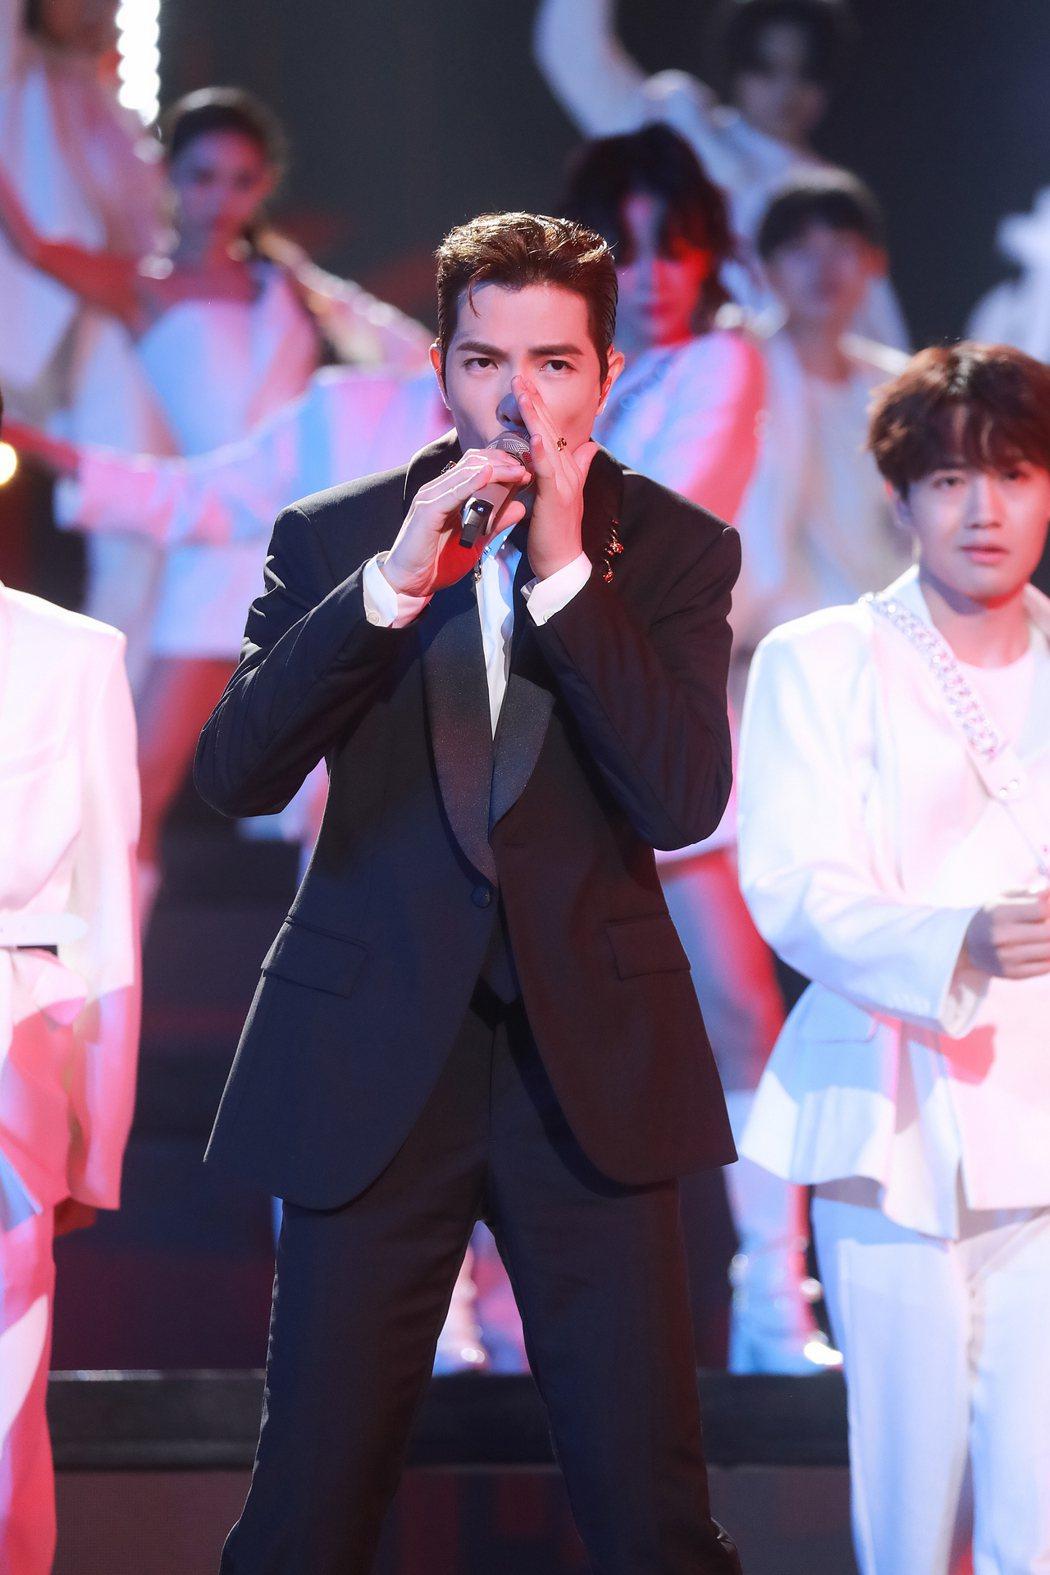 蕭敬騰登上「湖南衛視新潮好物夜」熱唱「猴籠」。圖/喜鵲娛樂提供